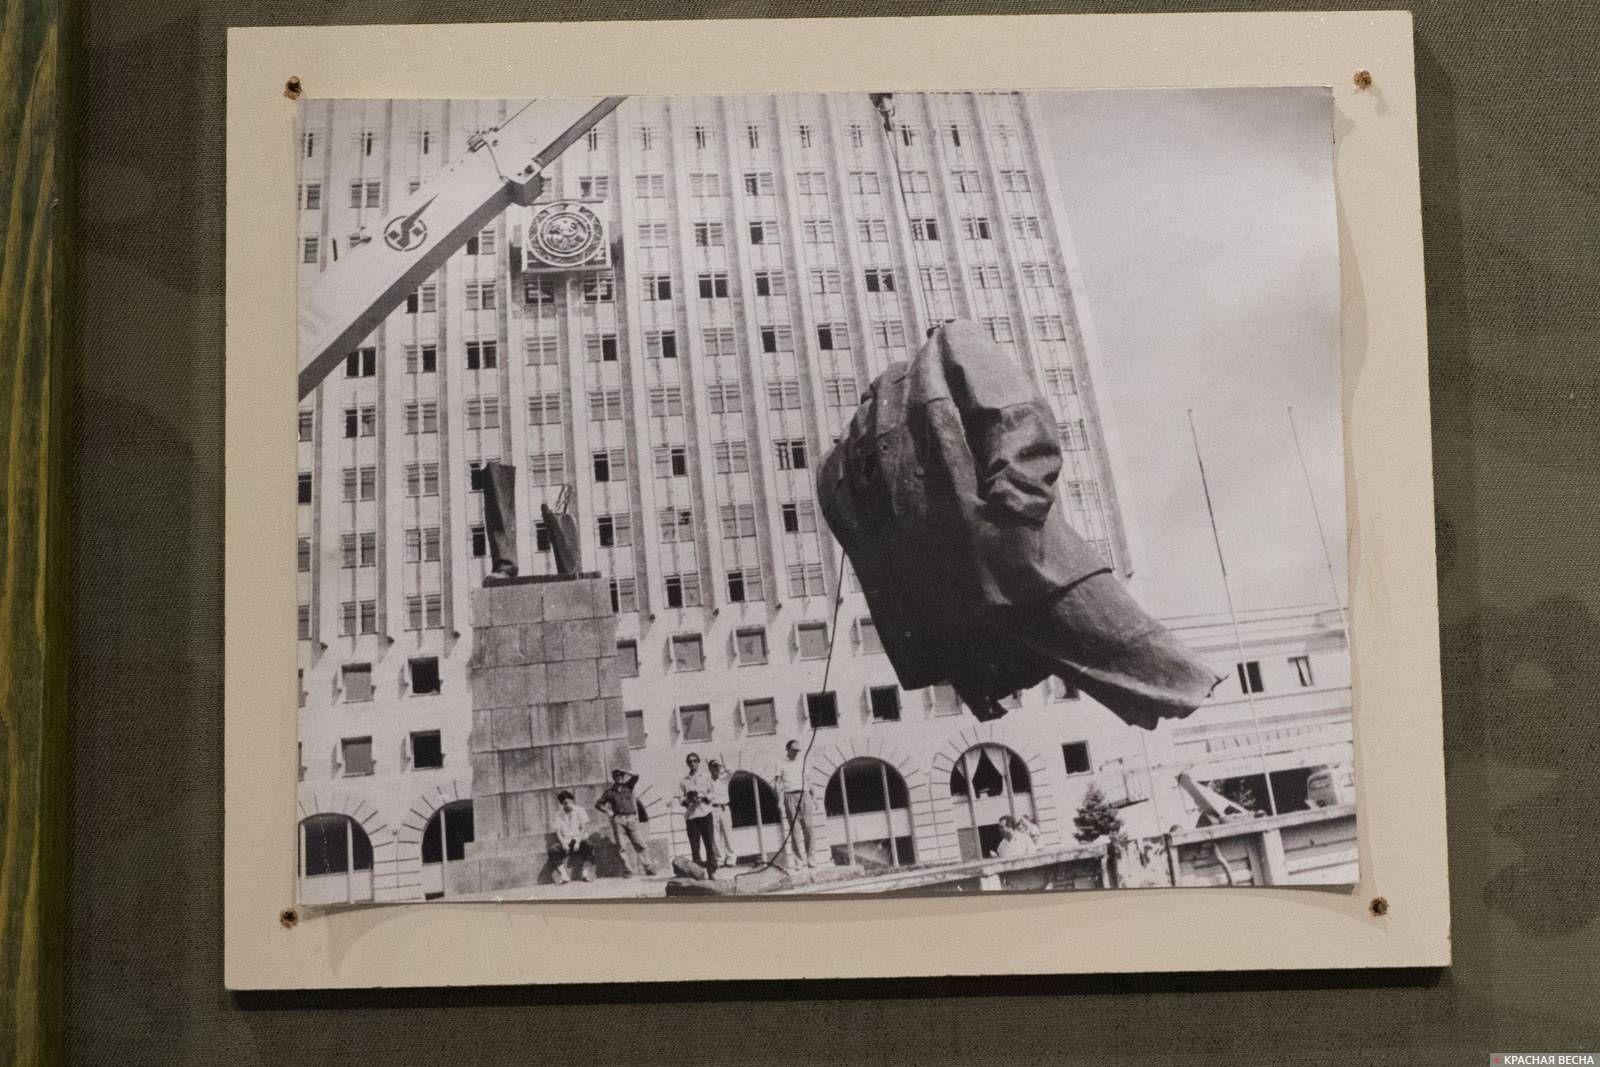 Грузинские власти сносят памятник Ленину перед зданием Верховного Совета Абхазской АССР, фотография из экспозиции Отечественной войны 92–93 гг., Абхазский государственный музей, г. Сухум